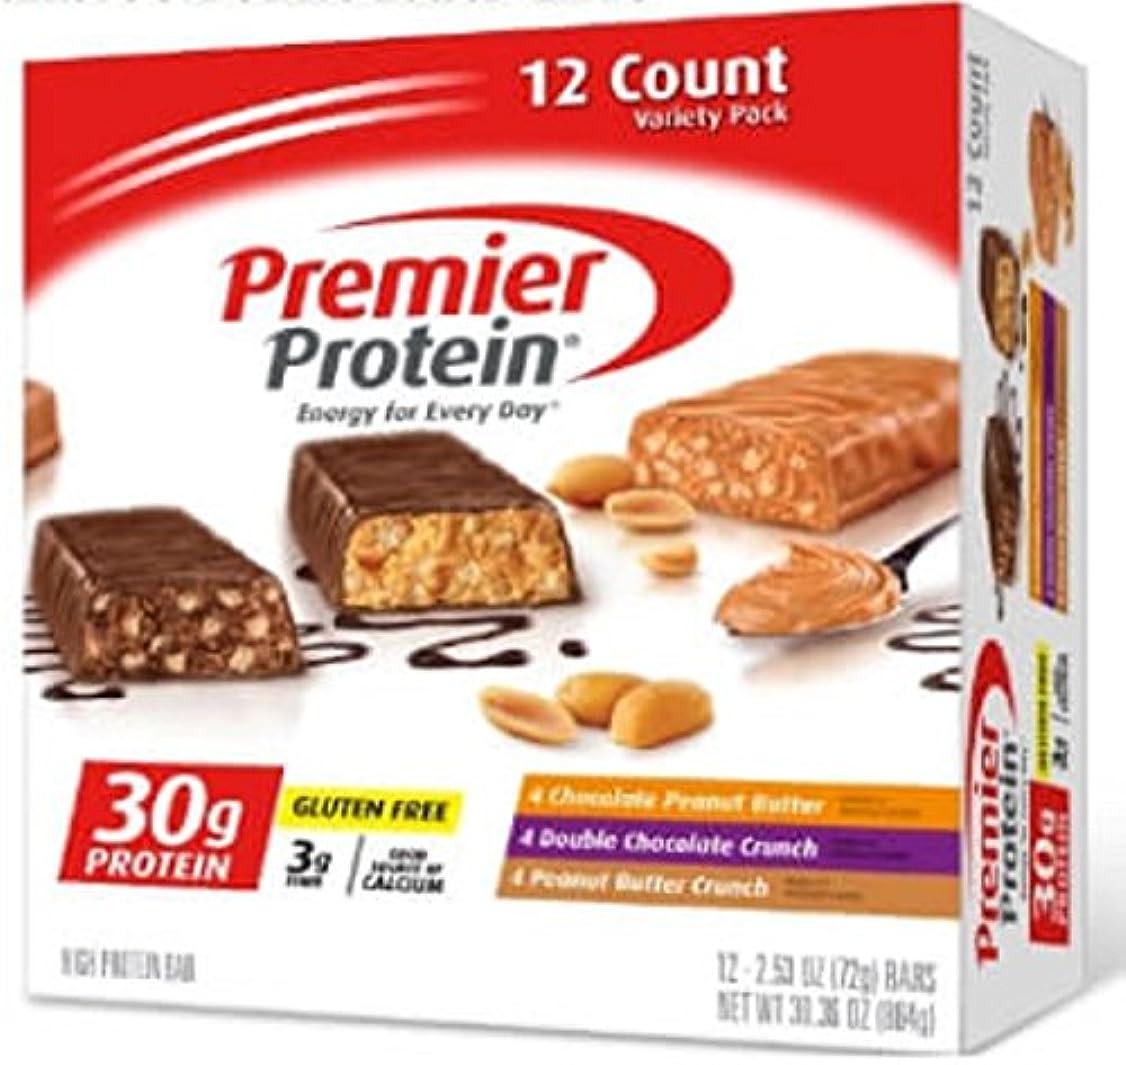 挨拶ヨーグルト早熟【2箱セット】Premier Protein プレミア プロテイン プロテインバー バラエティパック(72g x 12本入り x 2箱)